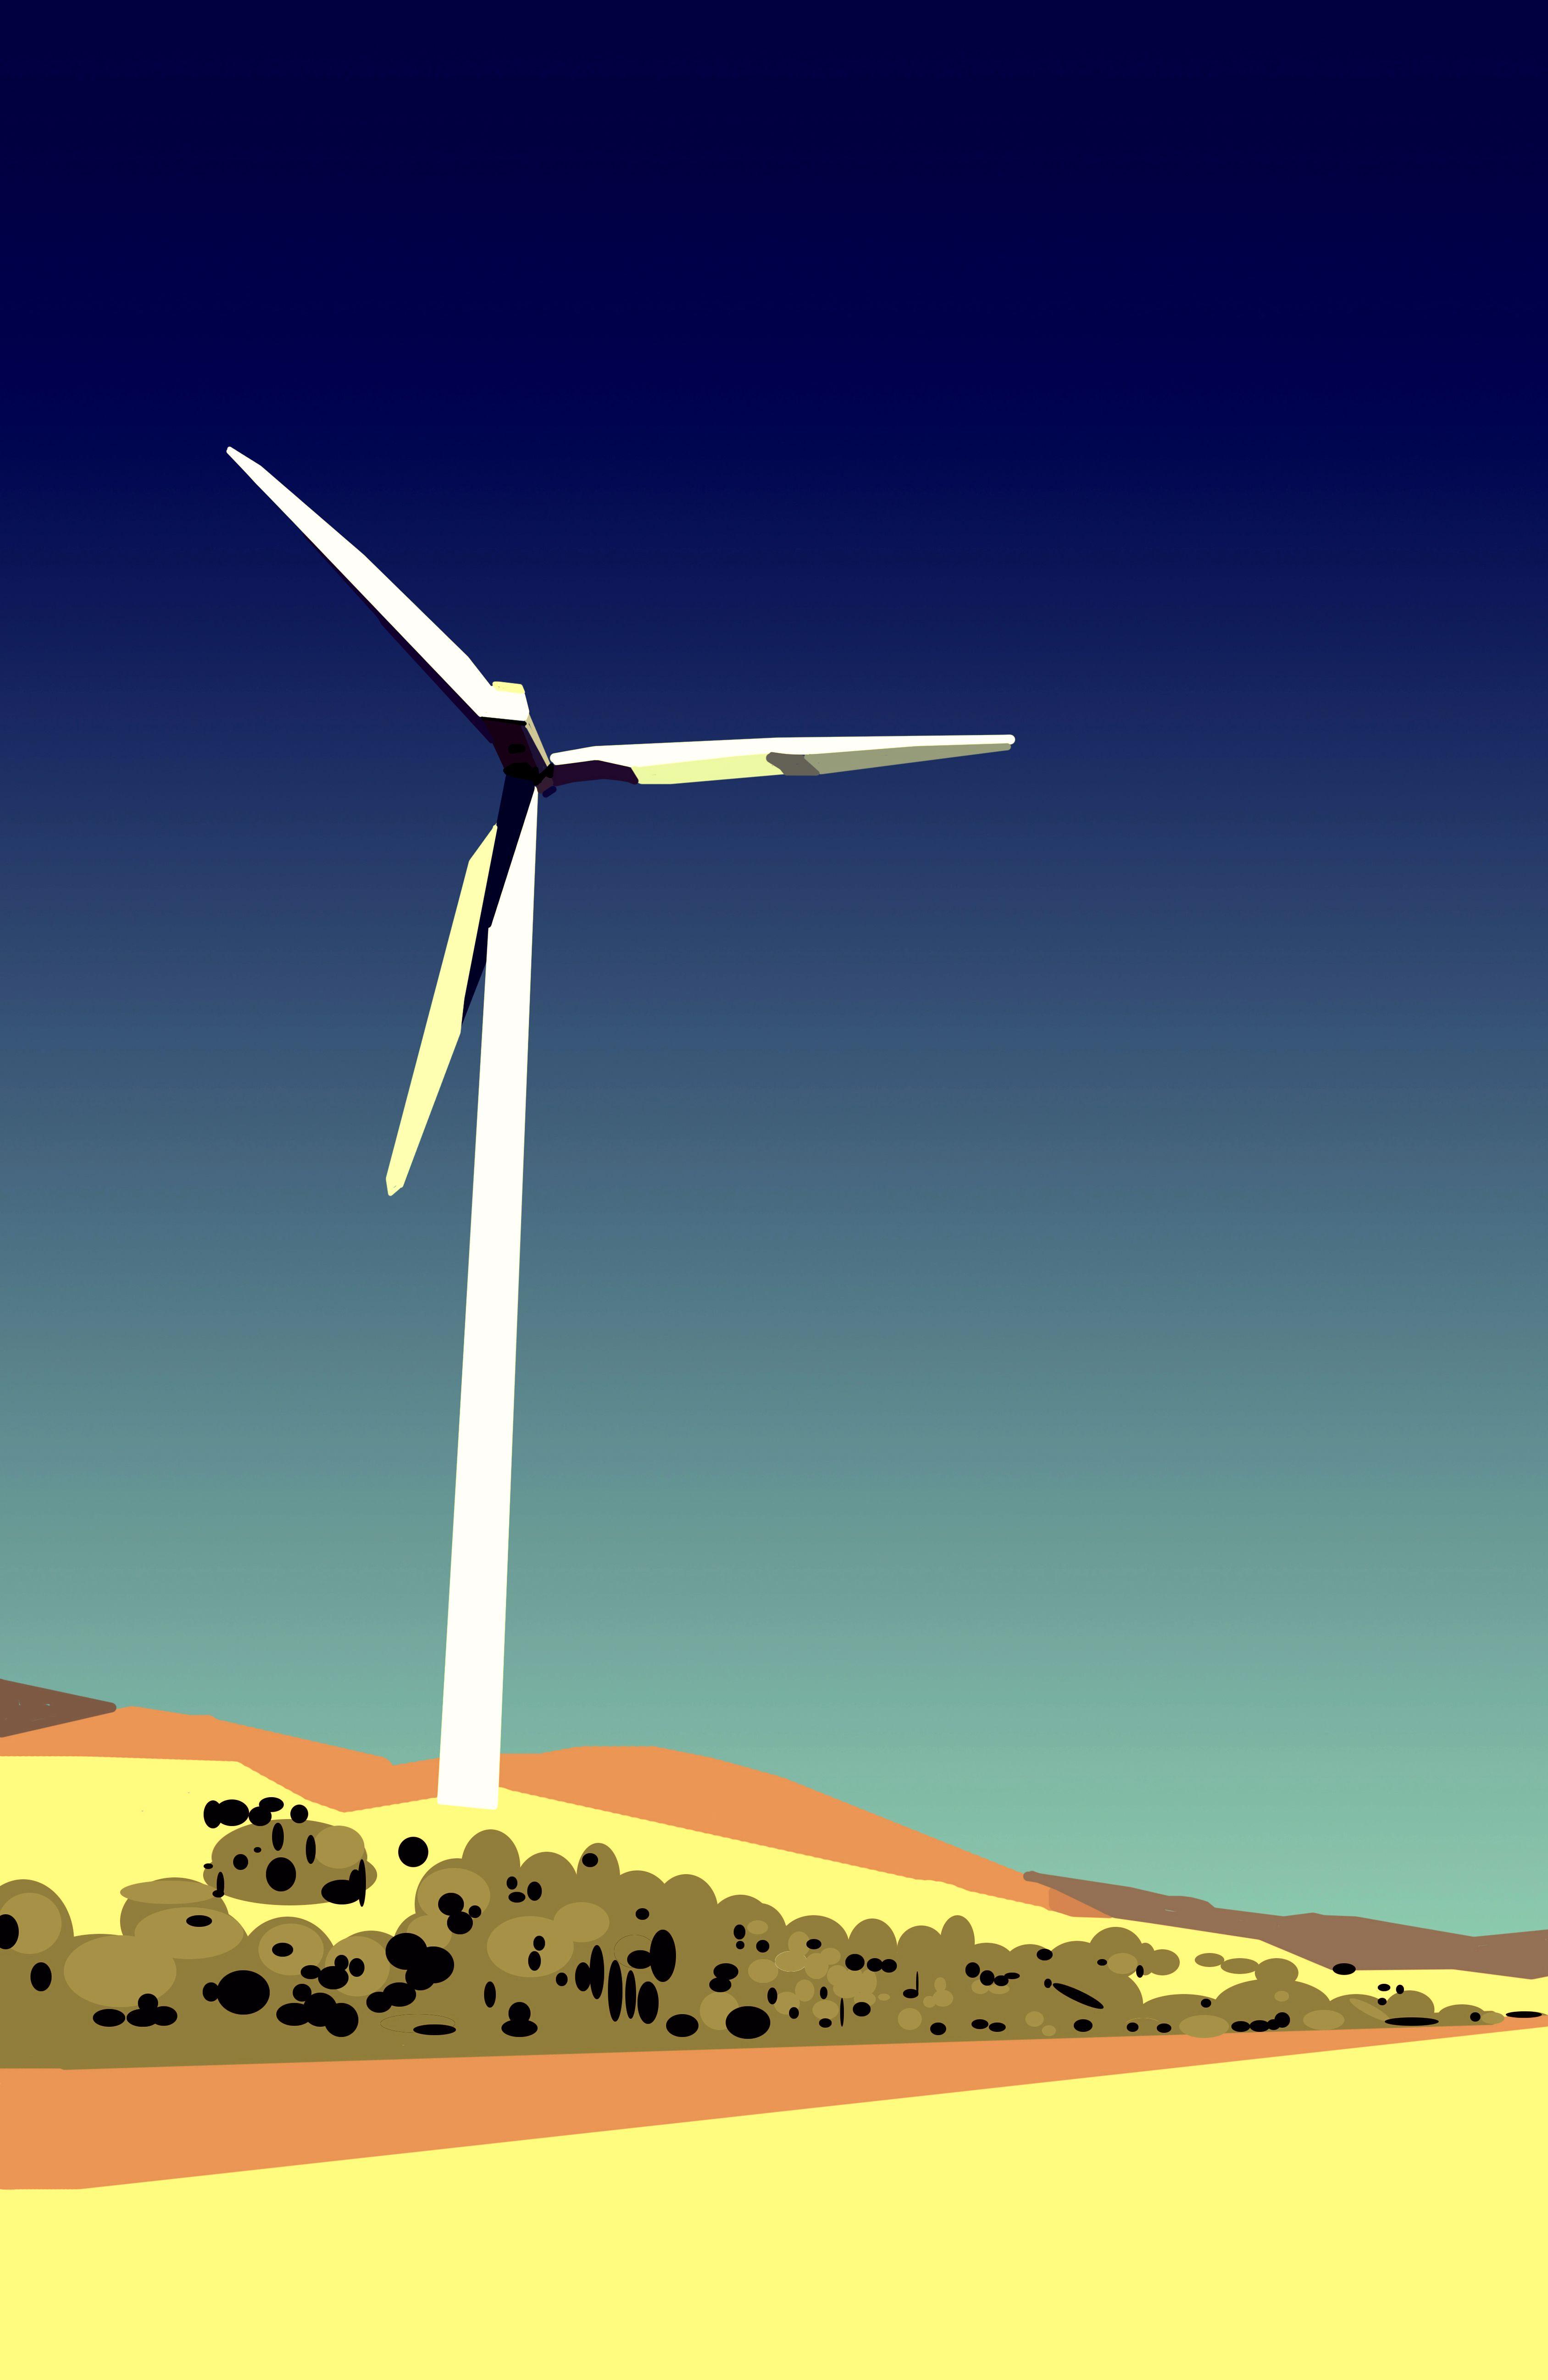 windmill by Kelli Miller